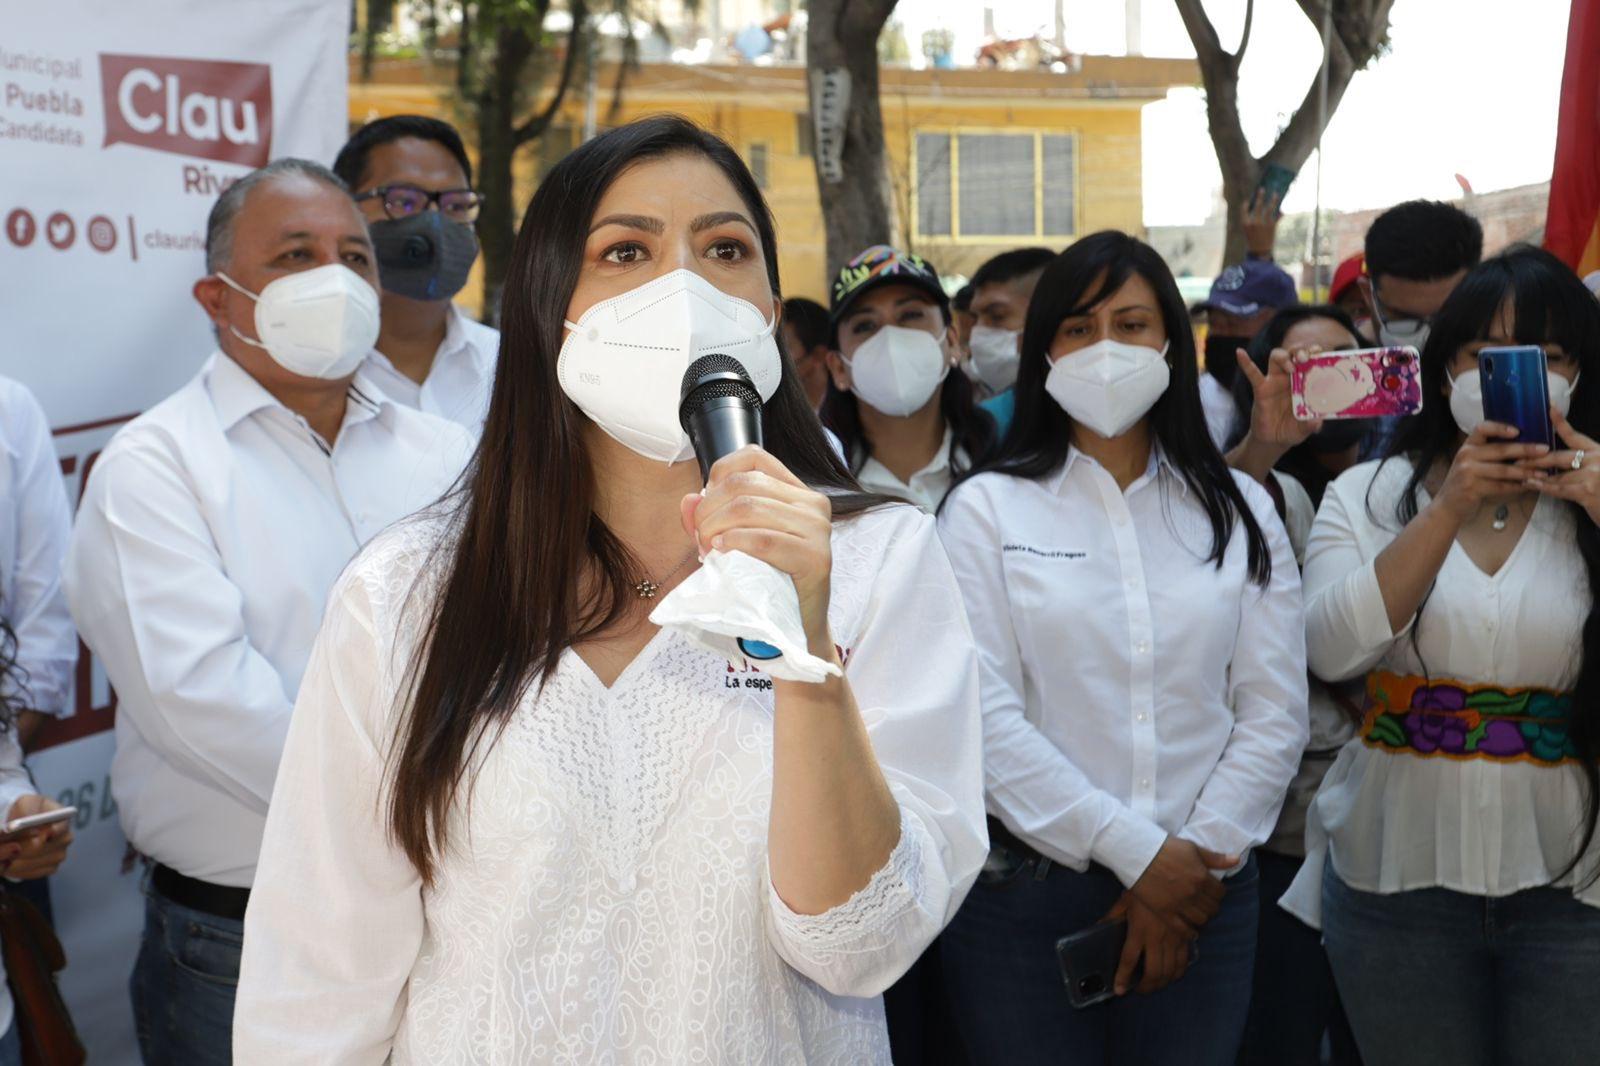 Confía Claudia Rivera en que TEPJF ratificará su candidatura